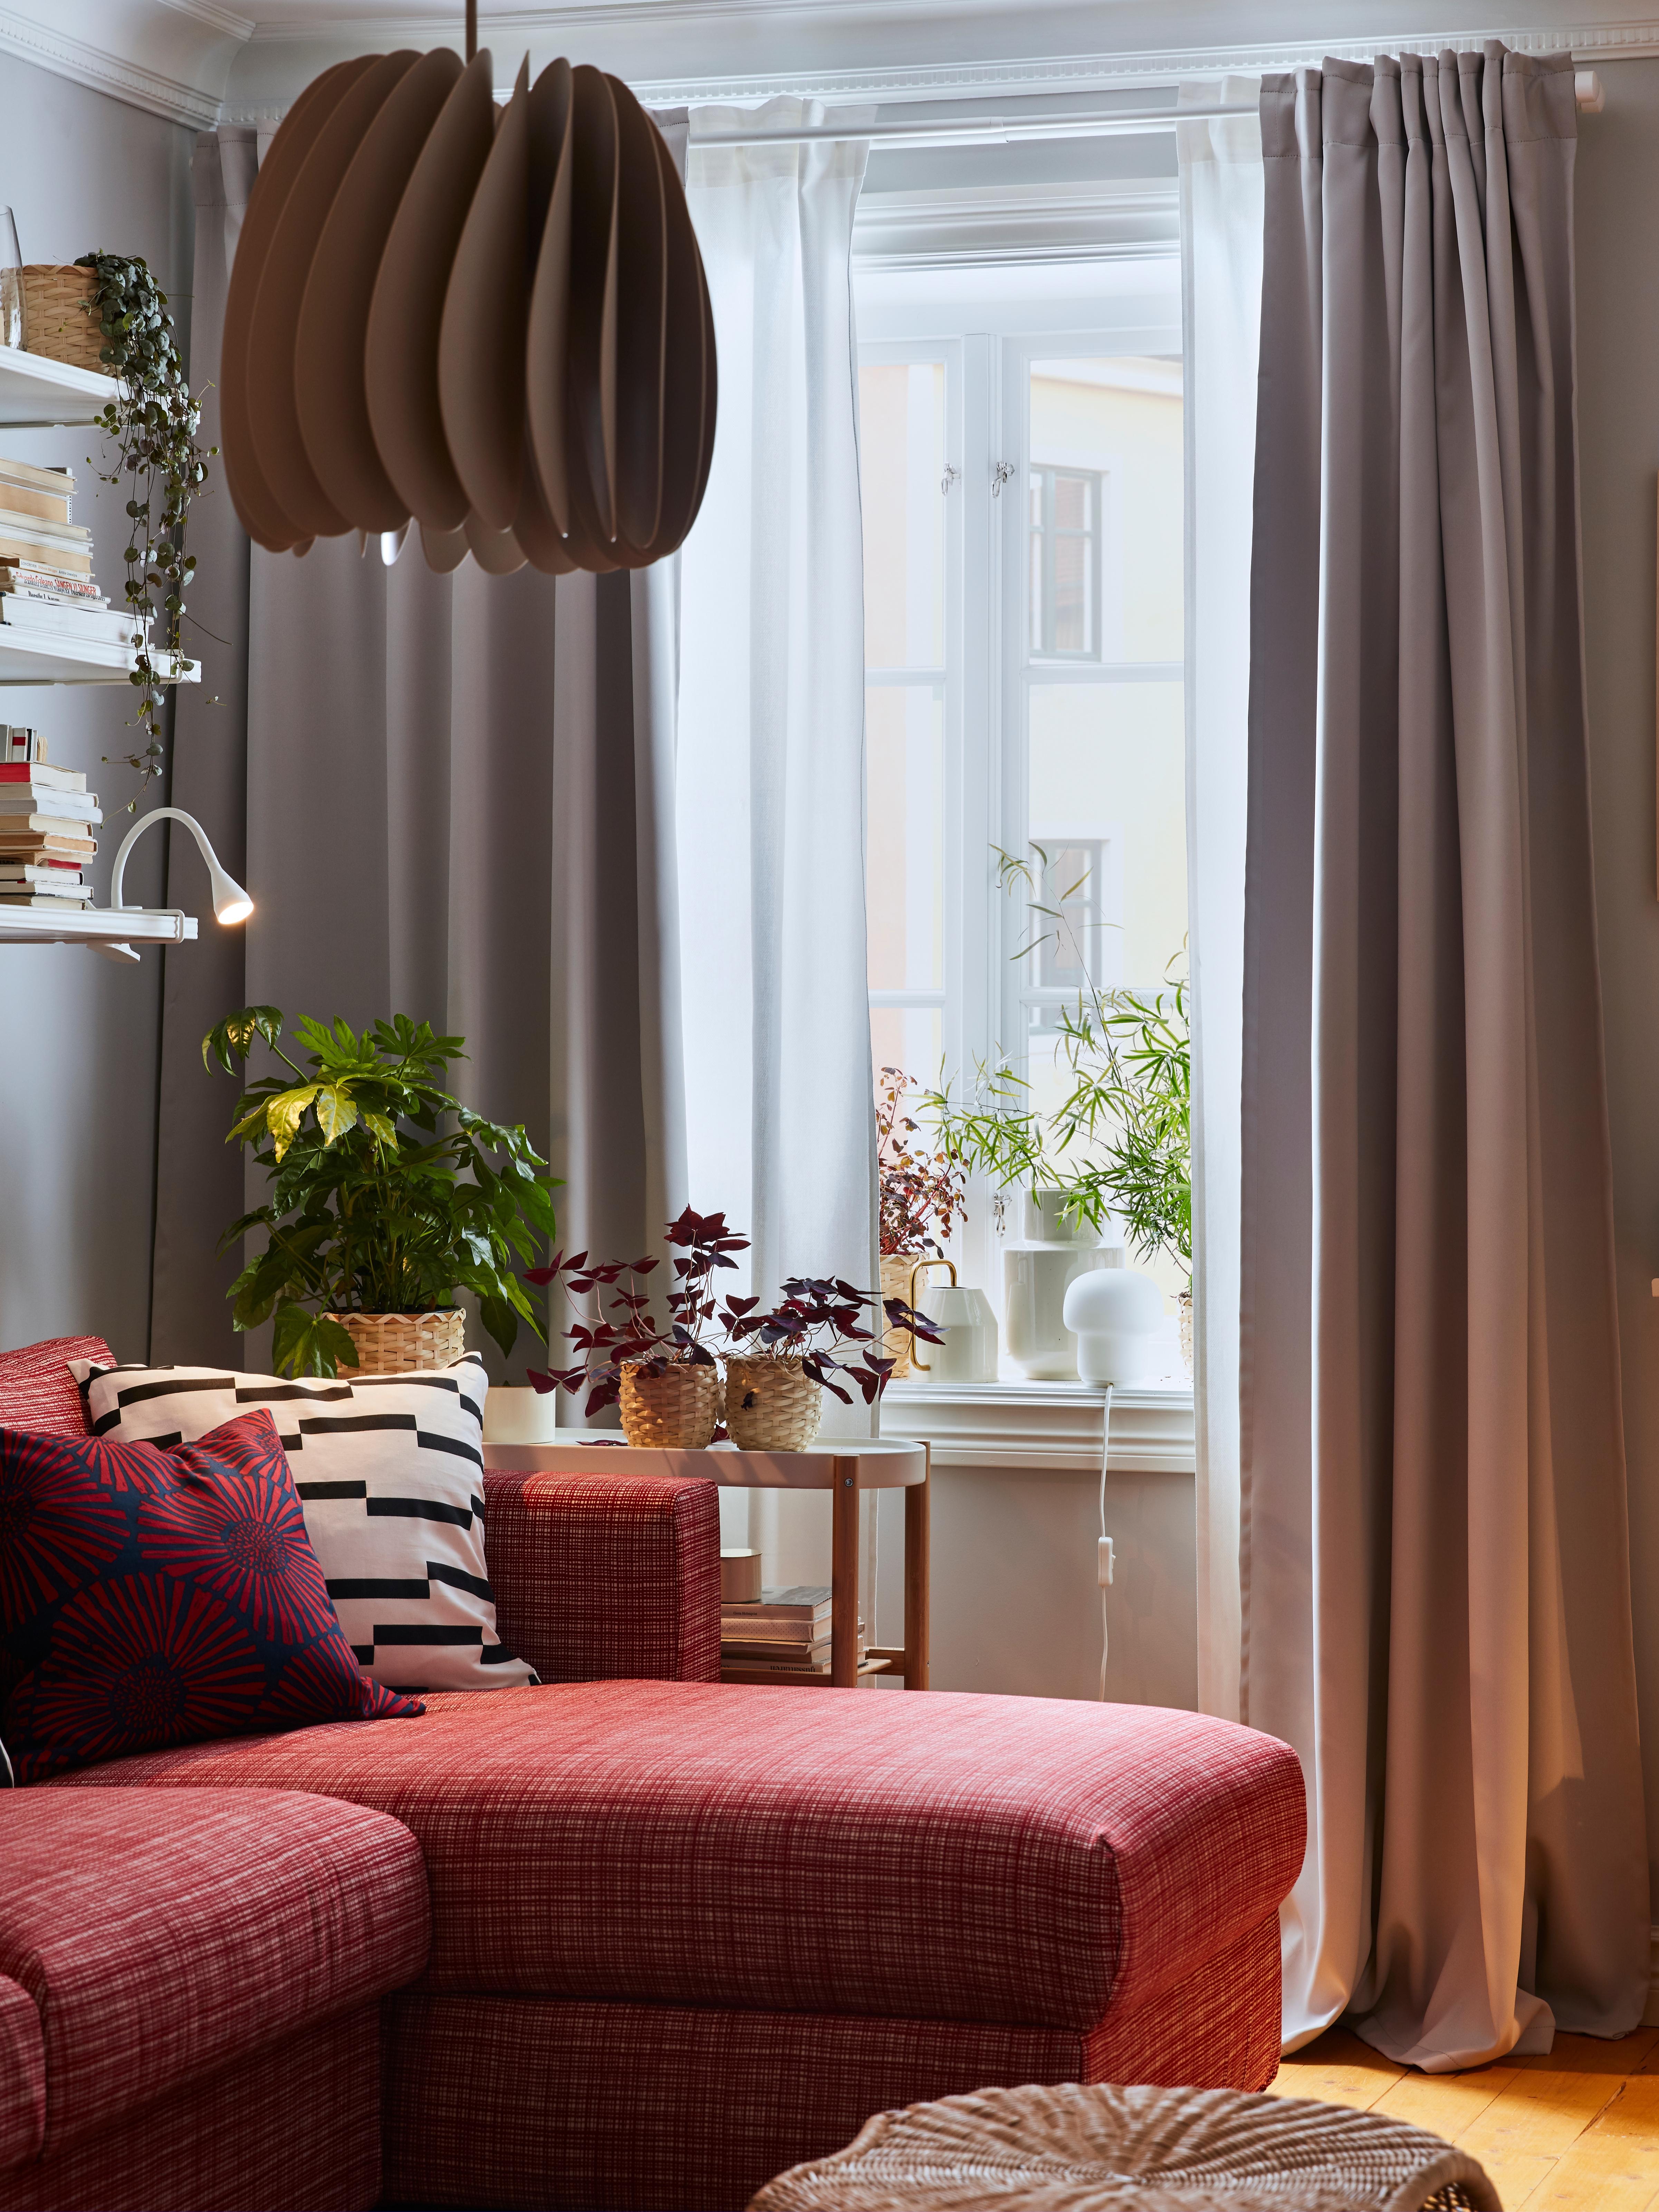 Lampada a sospensione, divano rosso e finestra con tende semioscuranti MAJGULL grigio chiaro sovrapposte a tende bianche.